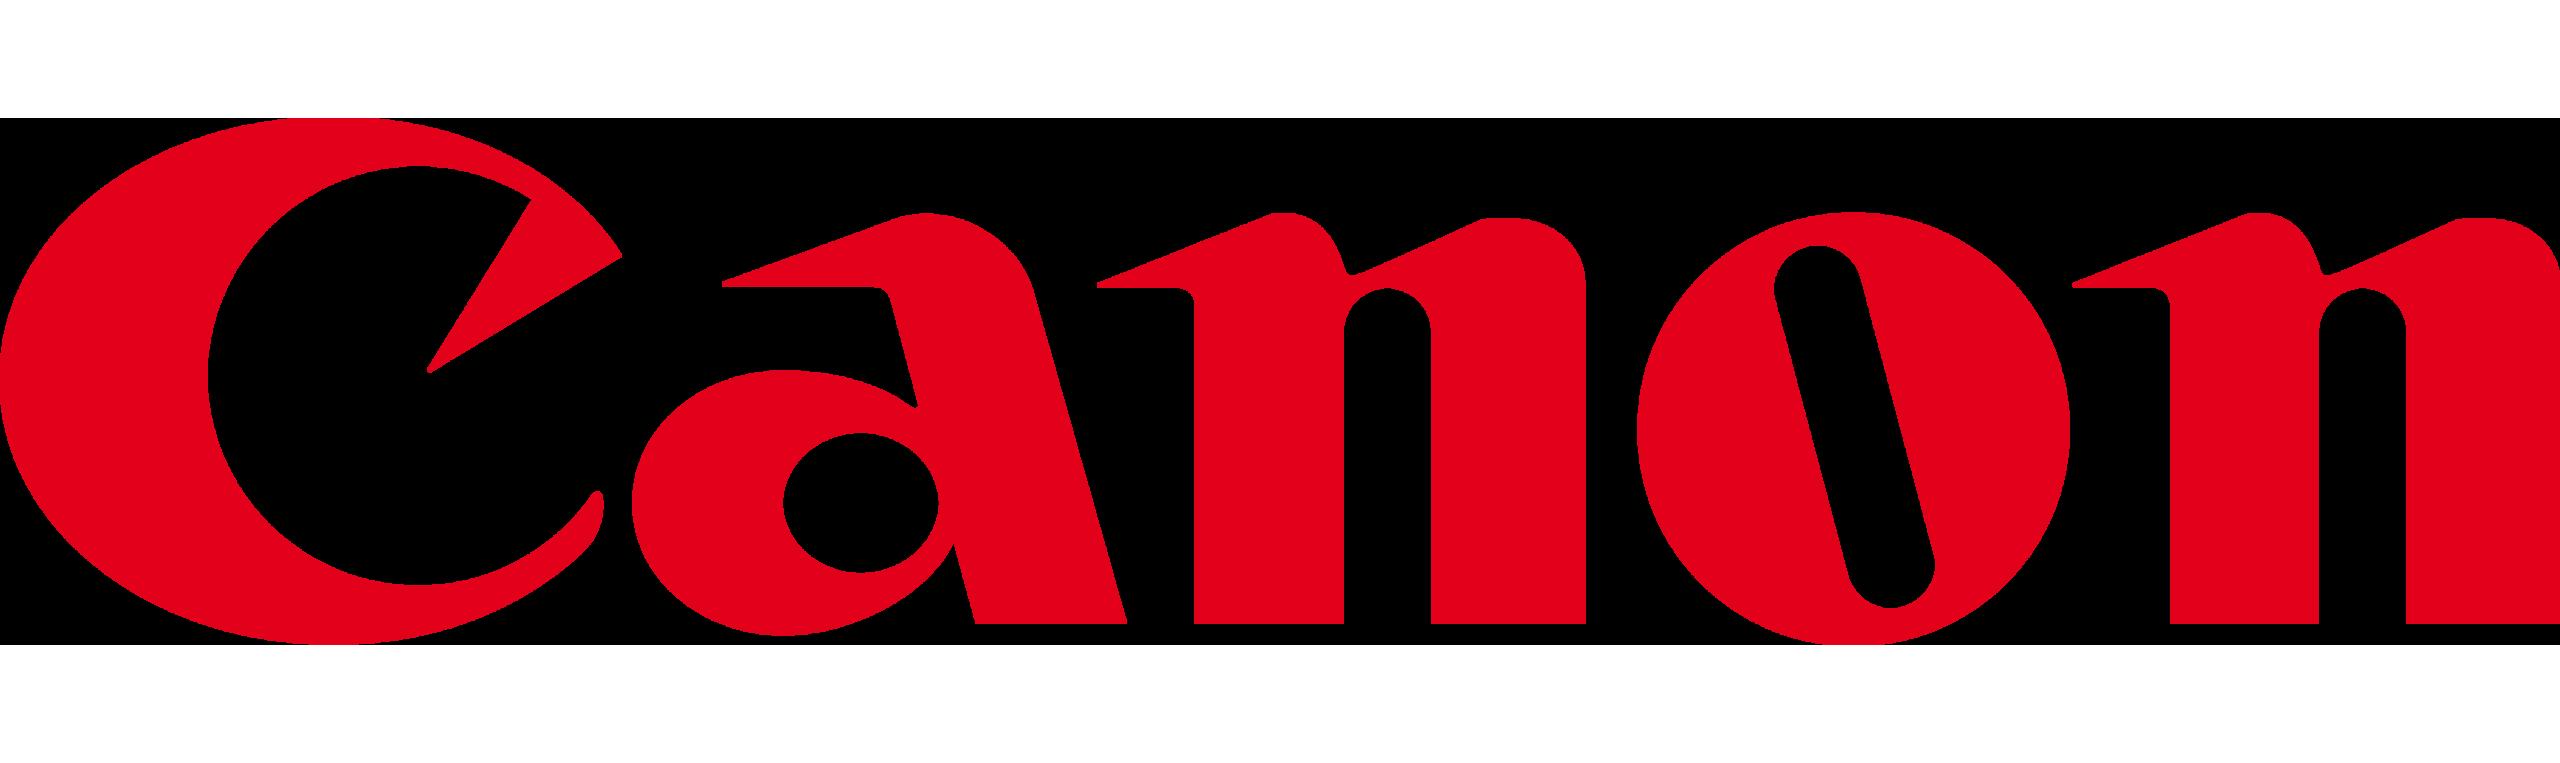 Canon - מבית ניופאן